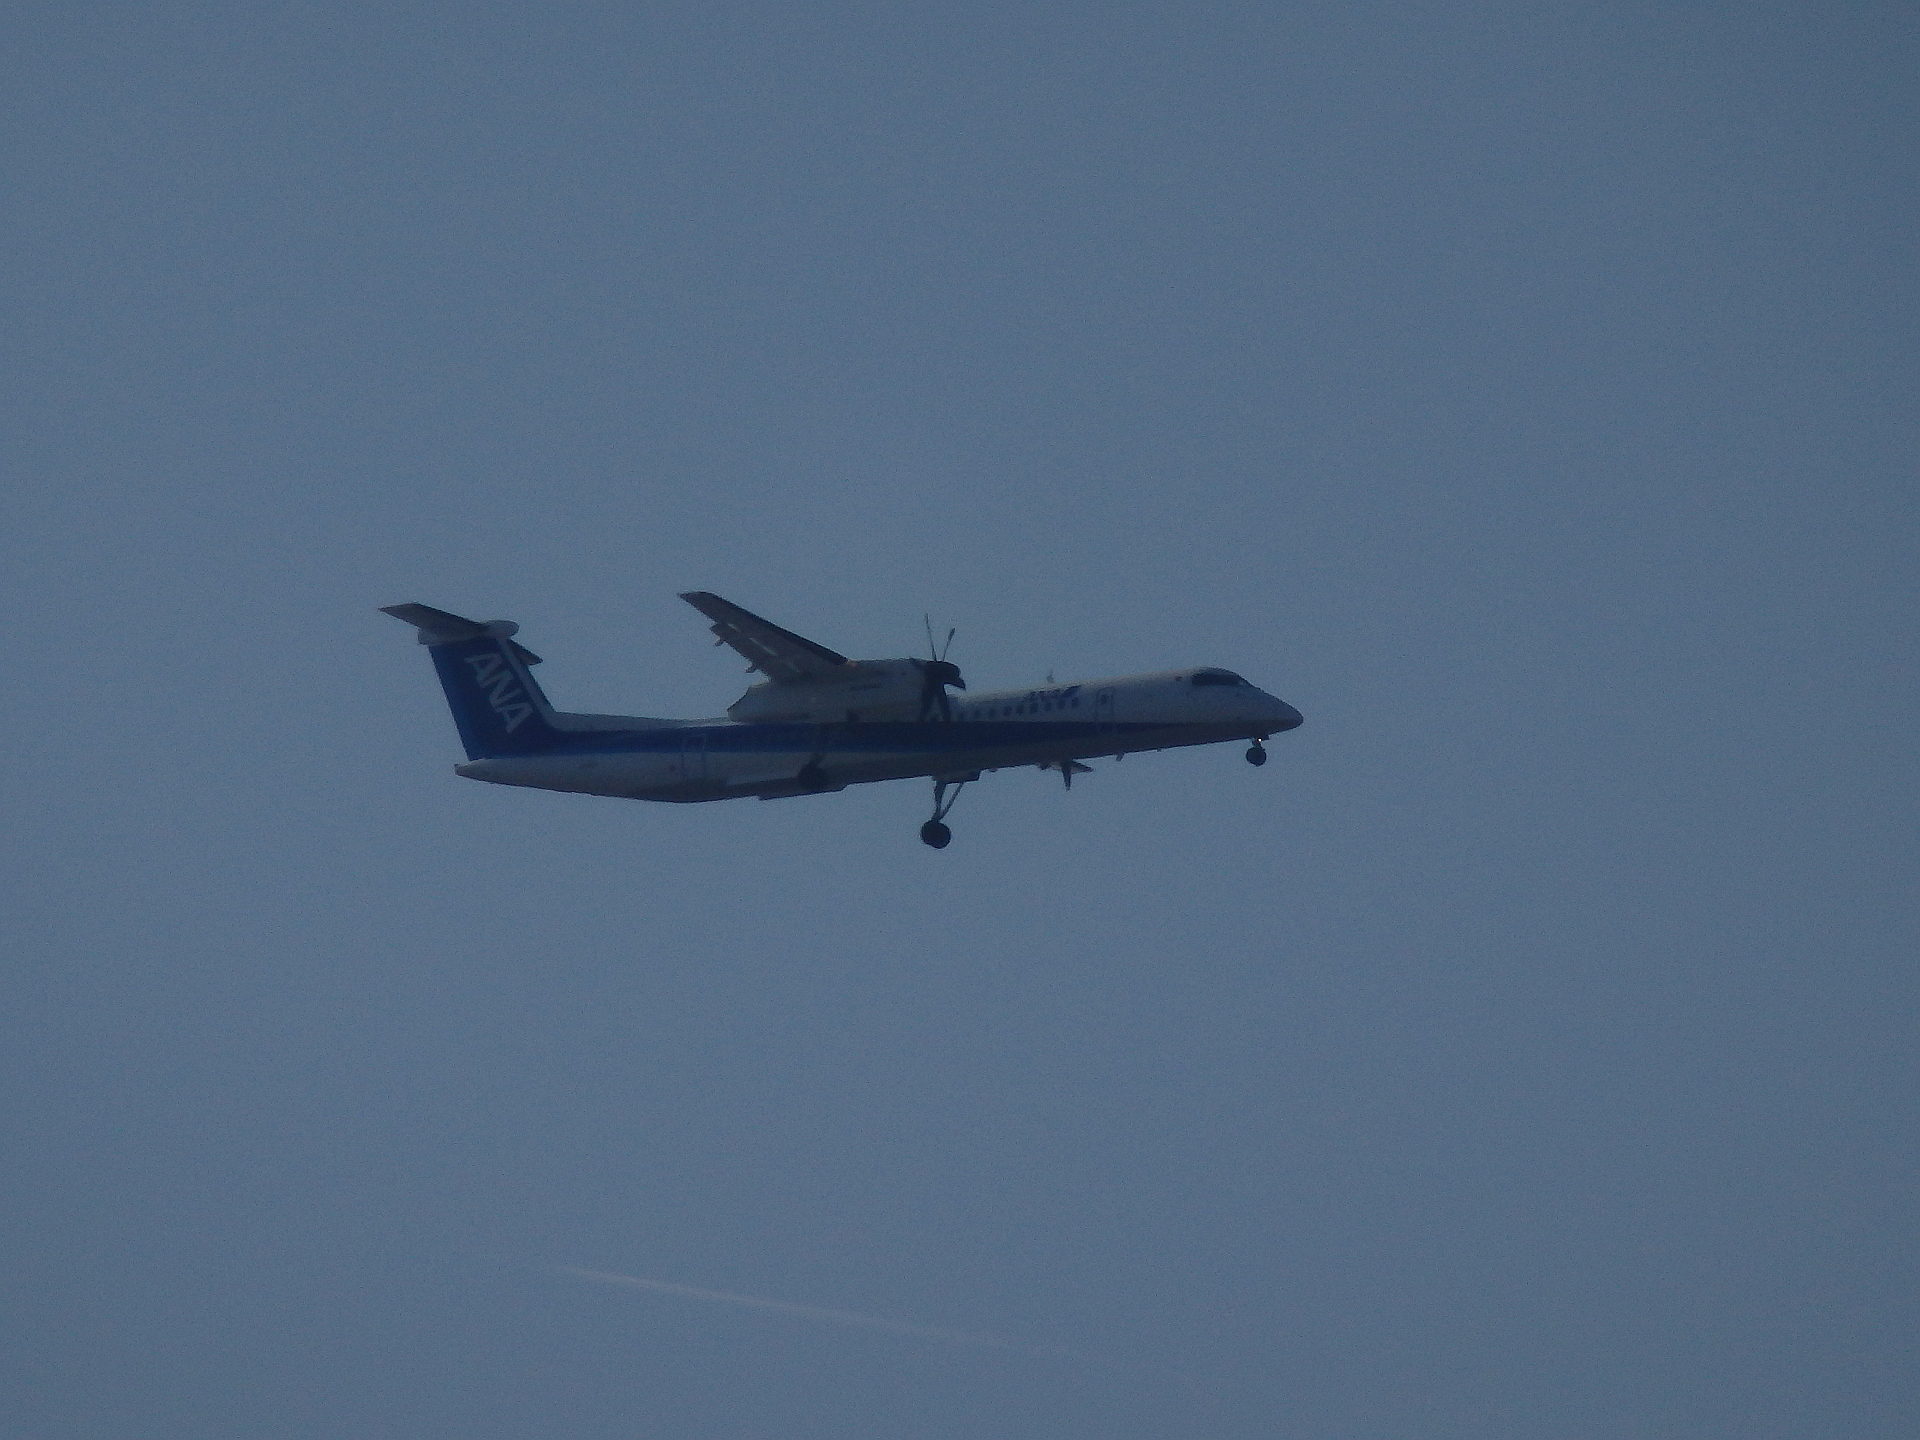 ボンQの背後に飛行機雲。